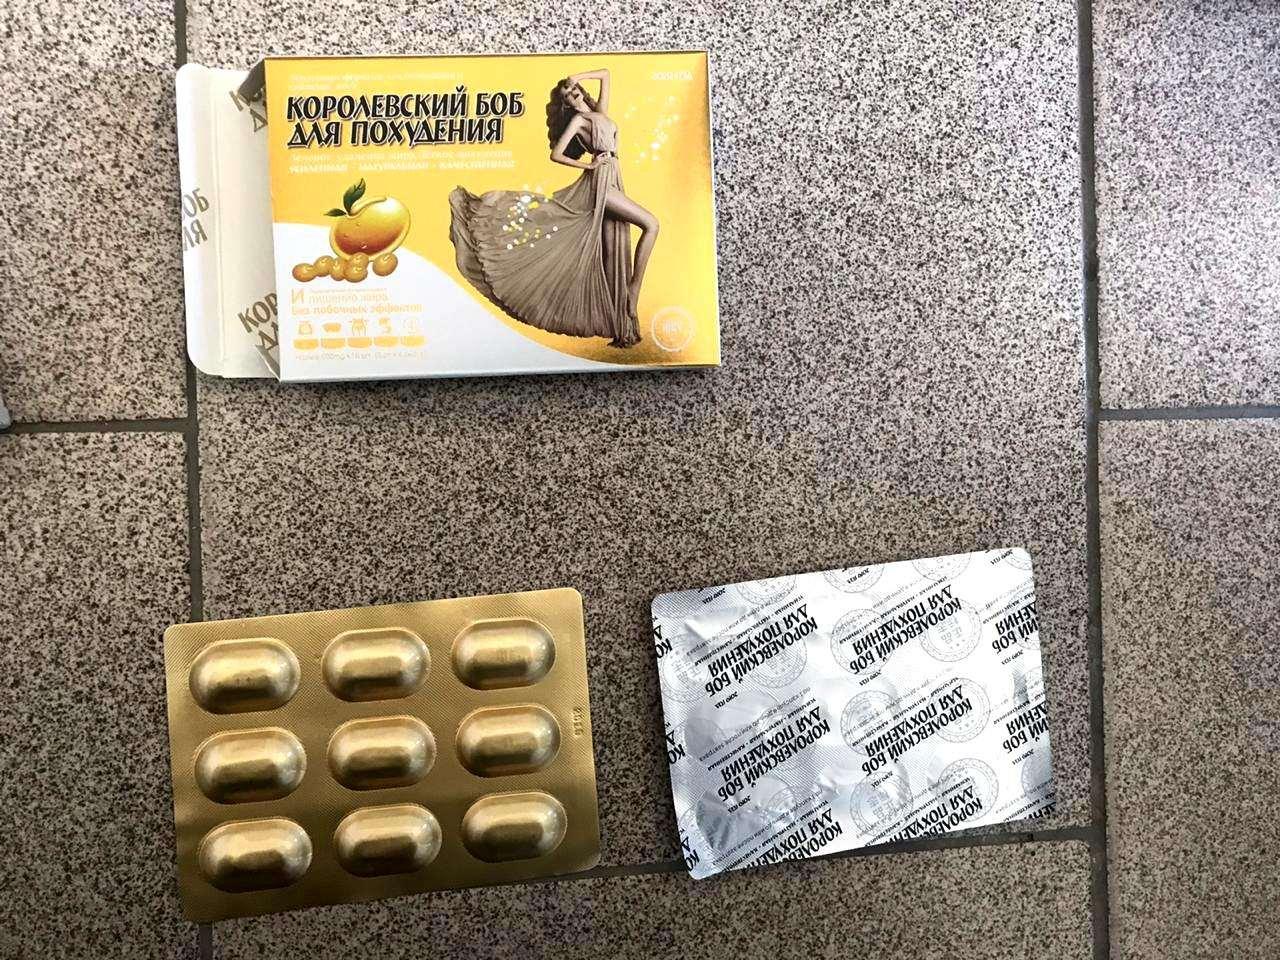 В Новороссийске обнаружили запрещенные товары для похудения